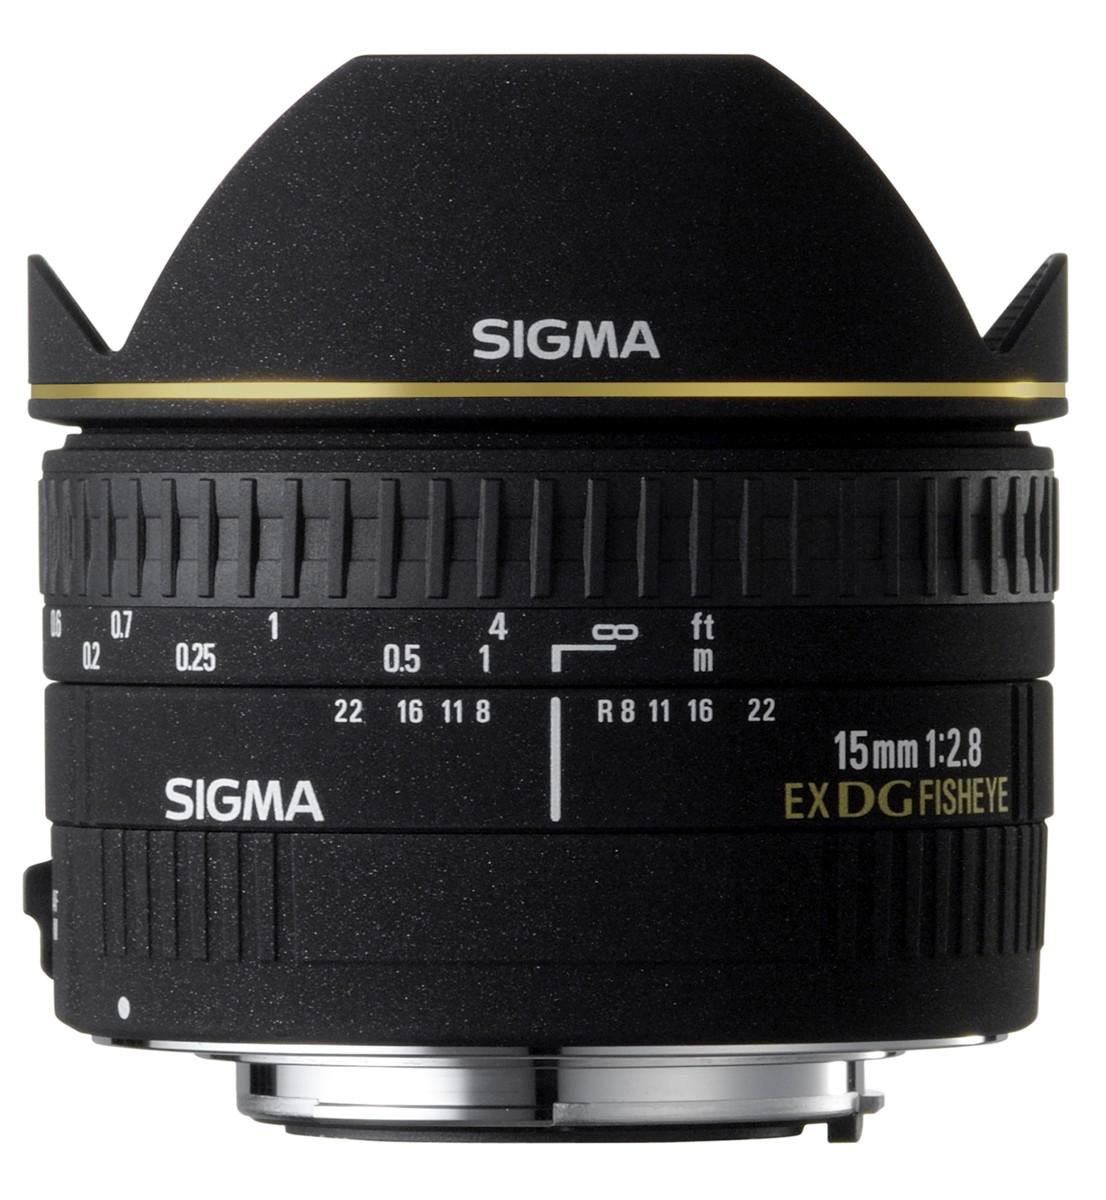 Signma Fish eye lens